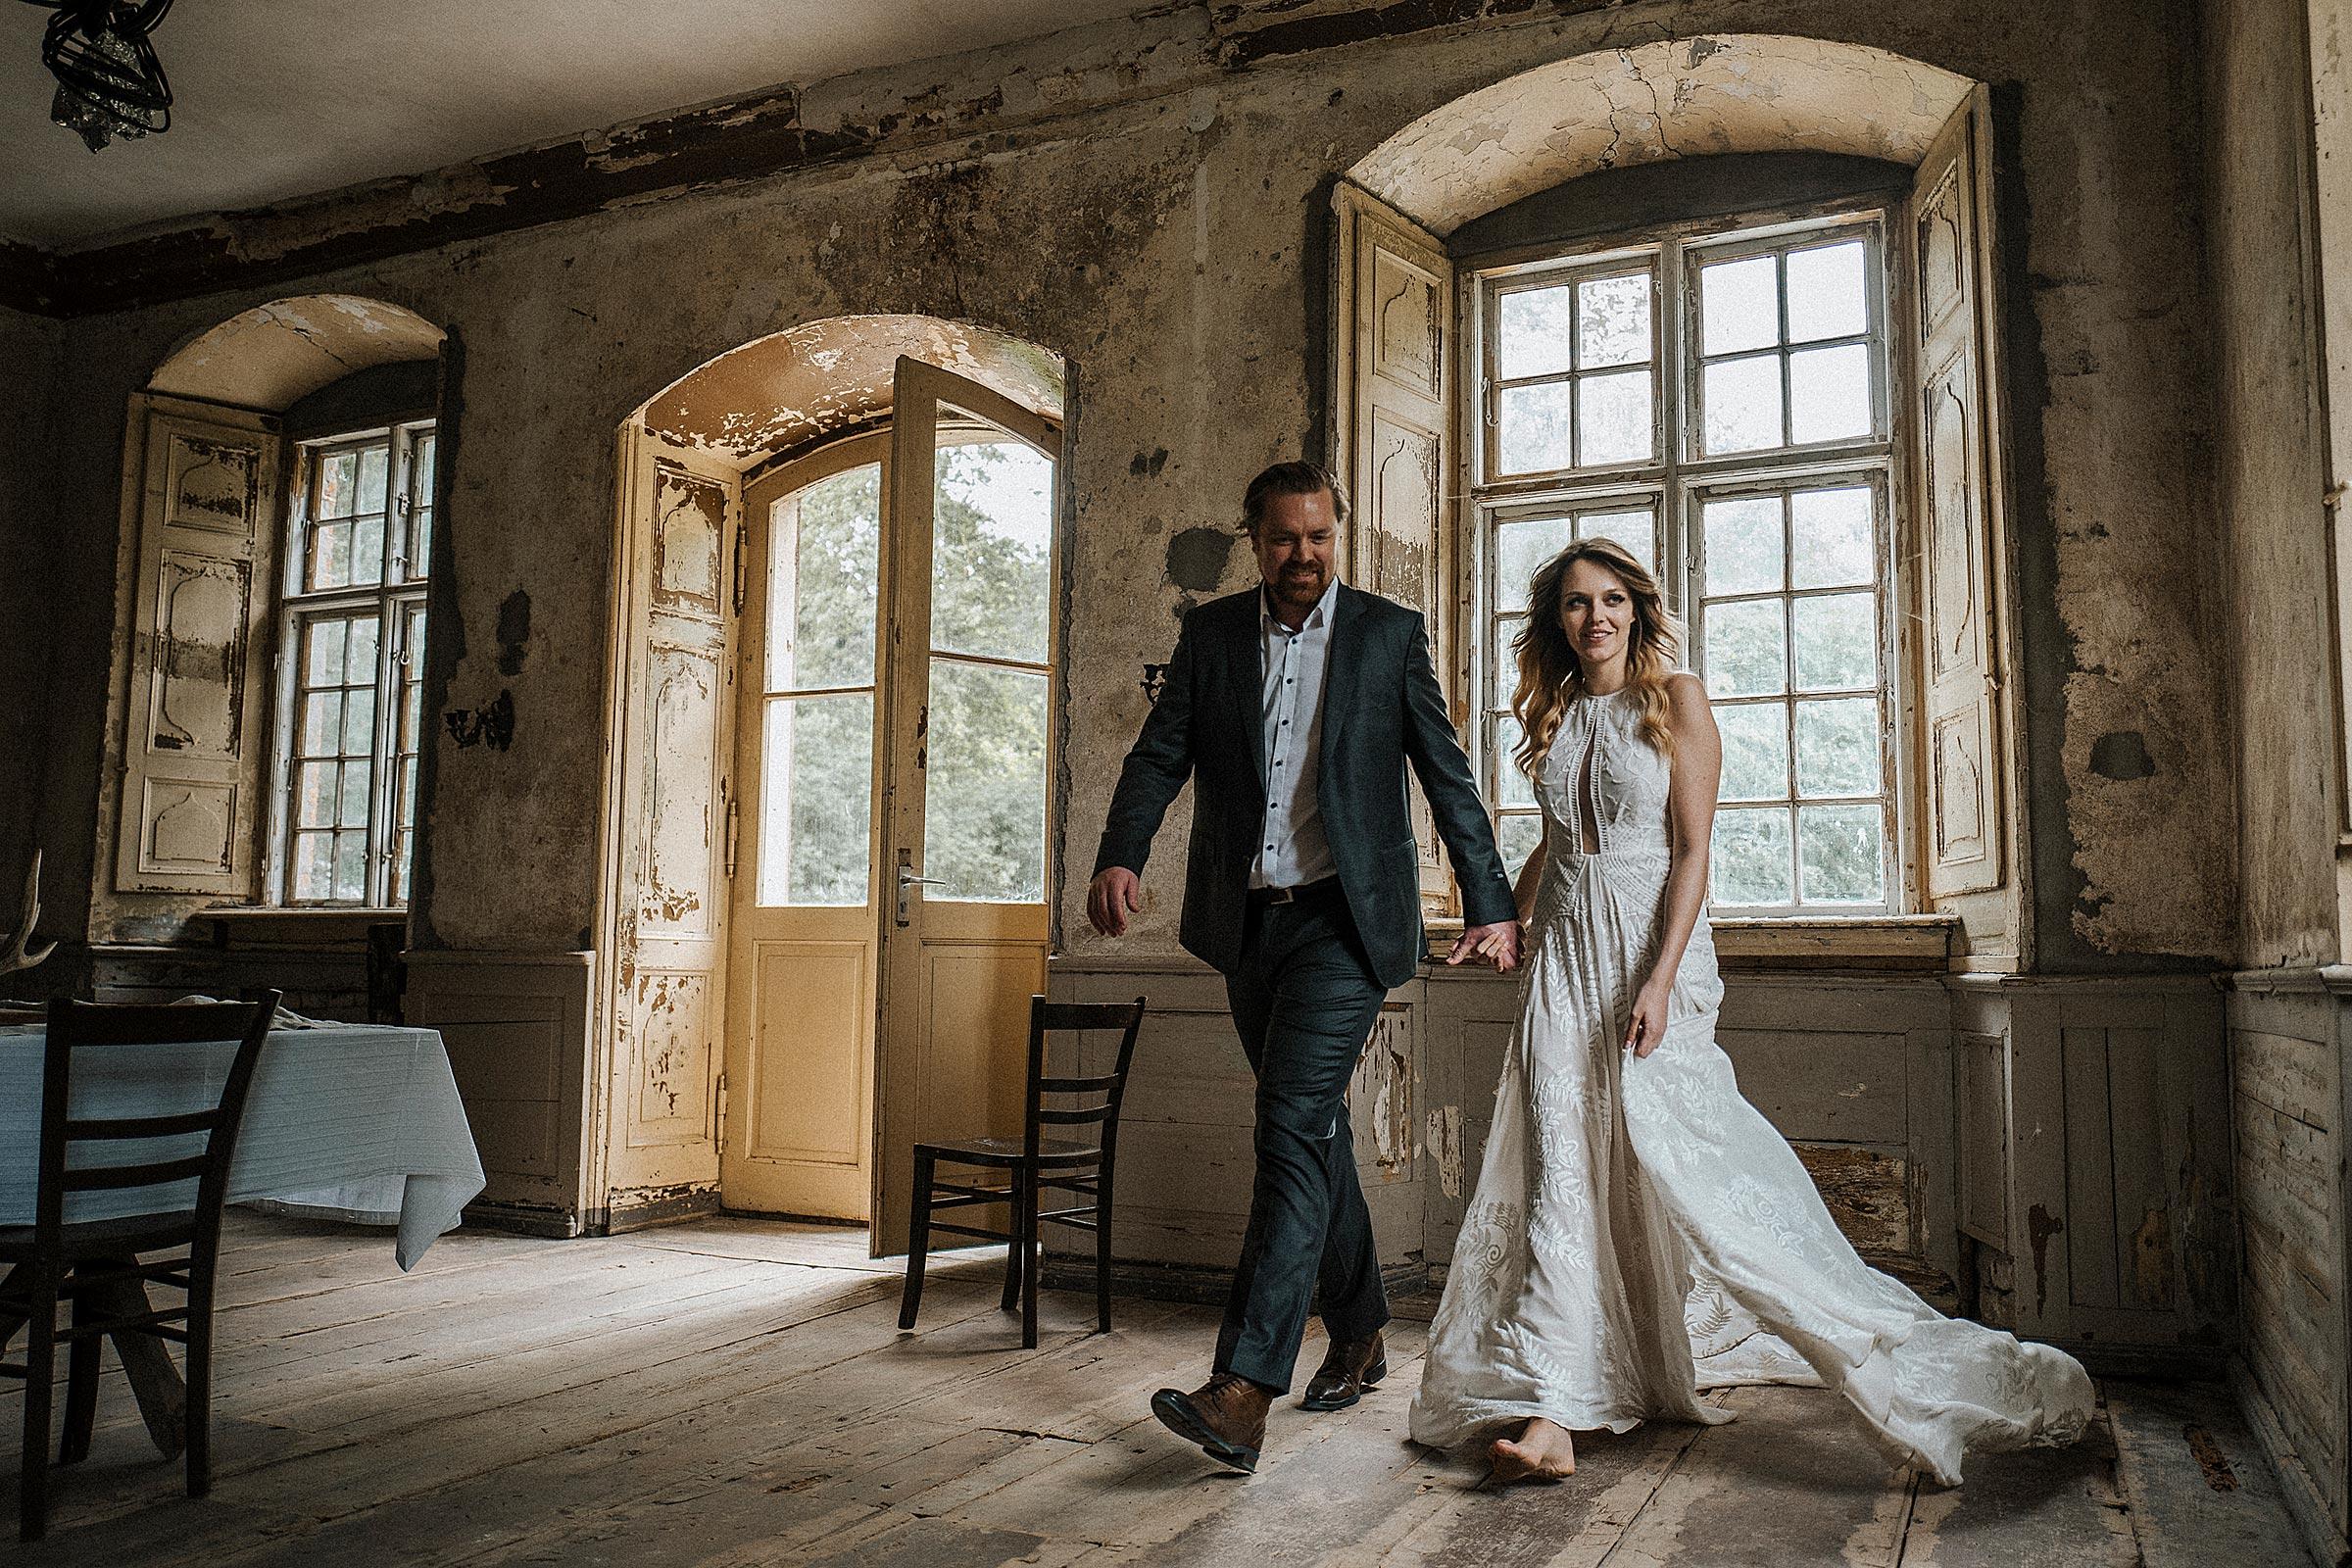 Braut heiraten Hochzeitsfotograf Rostock-Neubrandenburg-Mecklenburg-Vorpommern